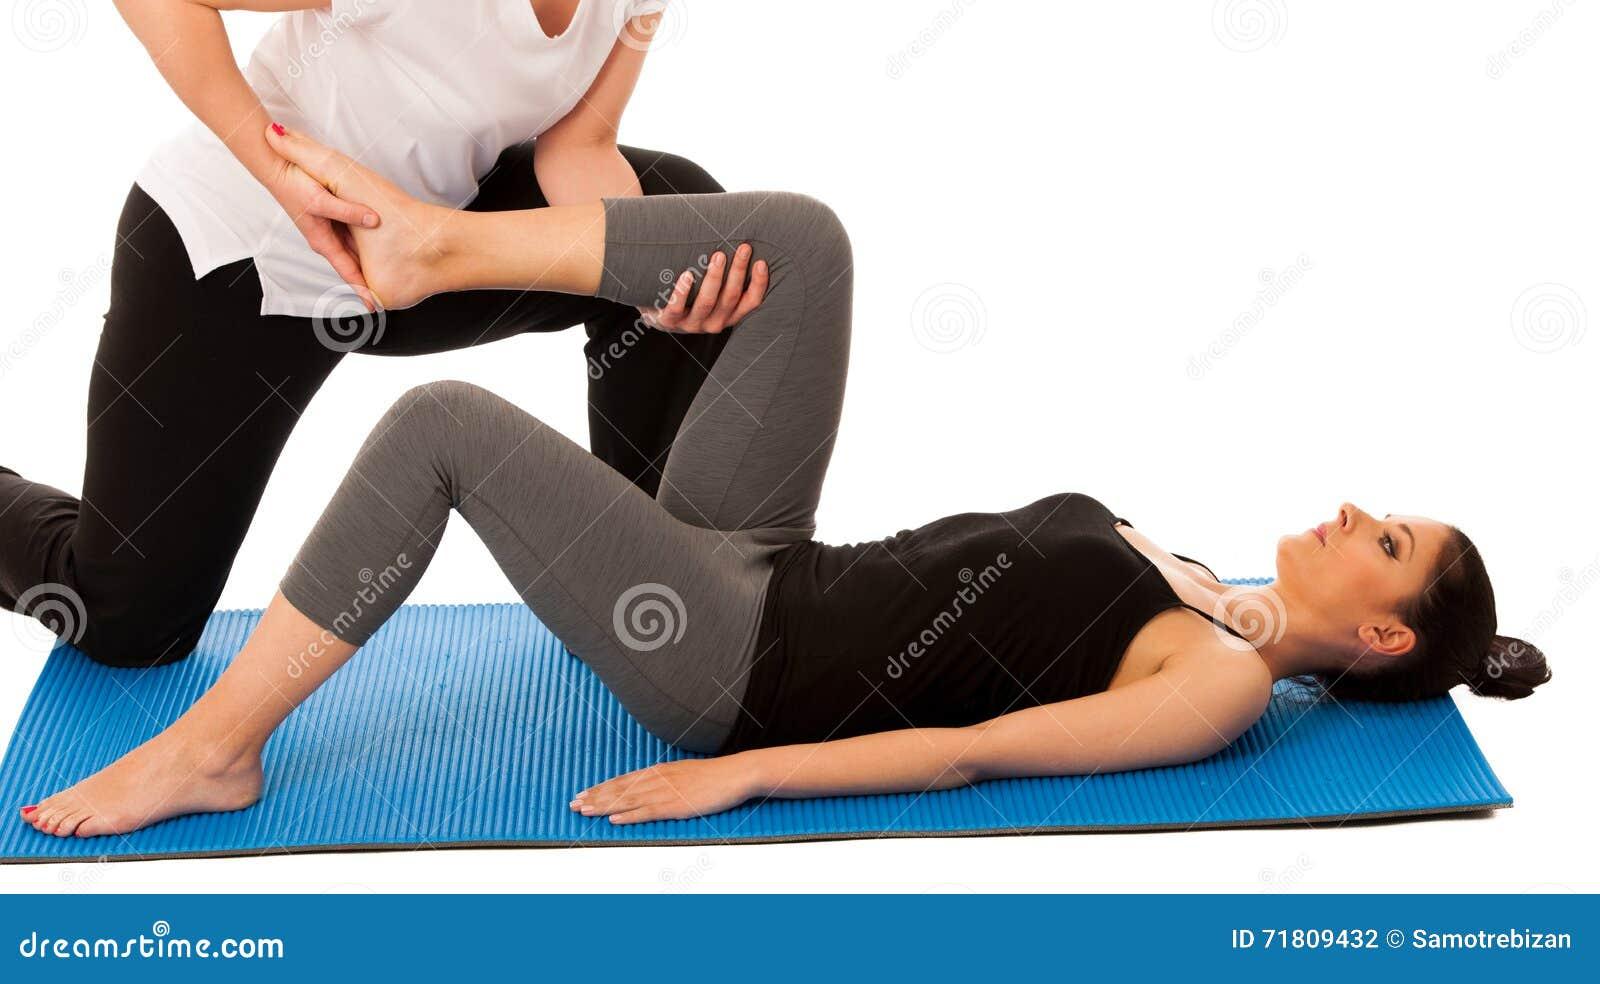 Sjukgymnastik - terapeut som gör benet som sträcker excercises med